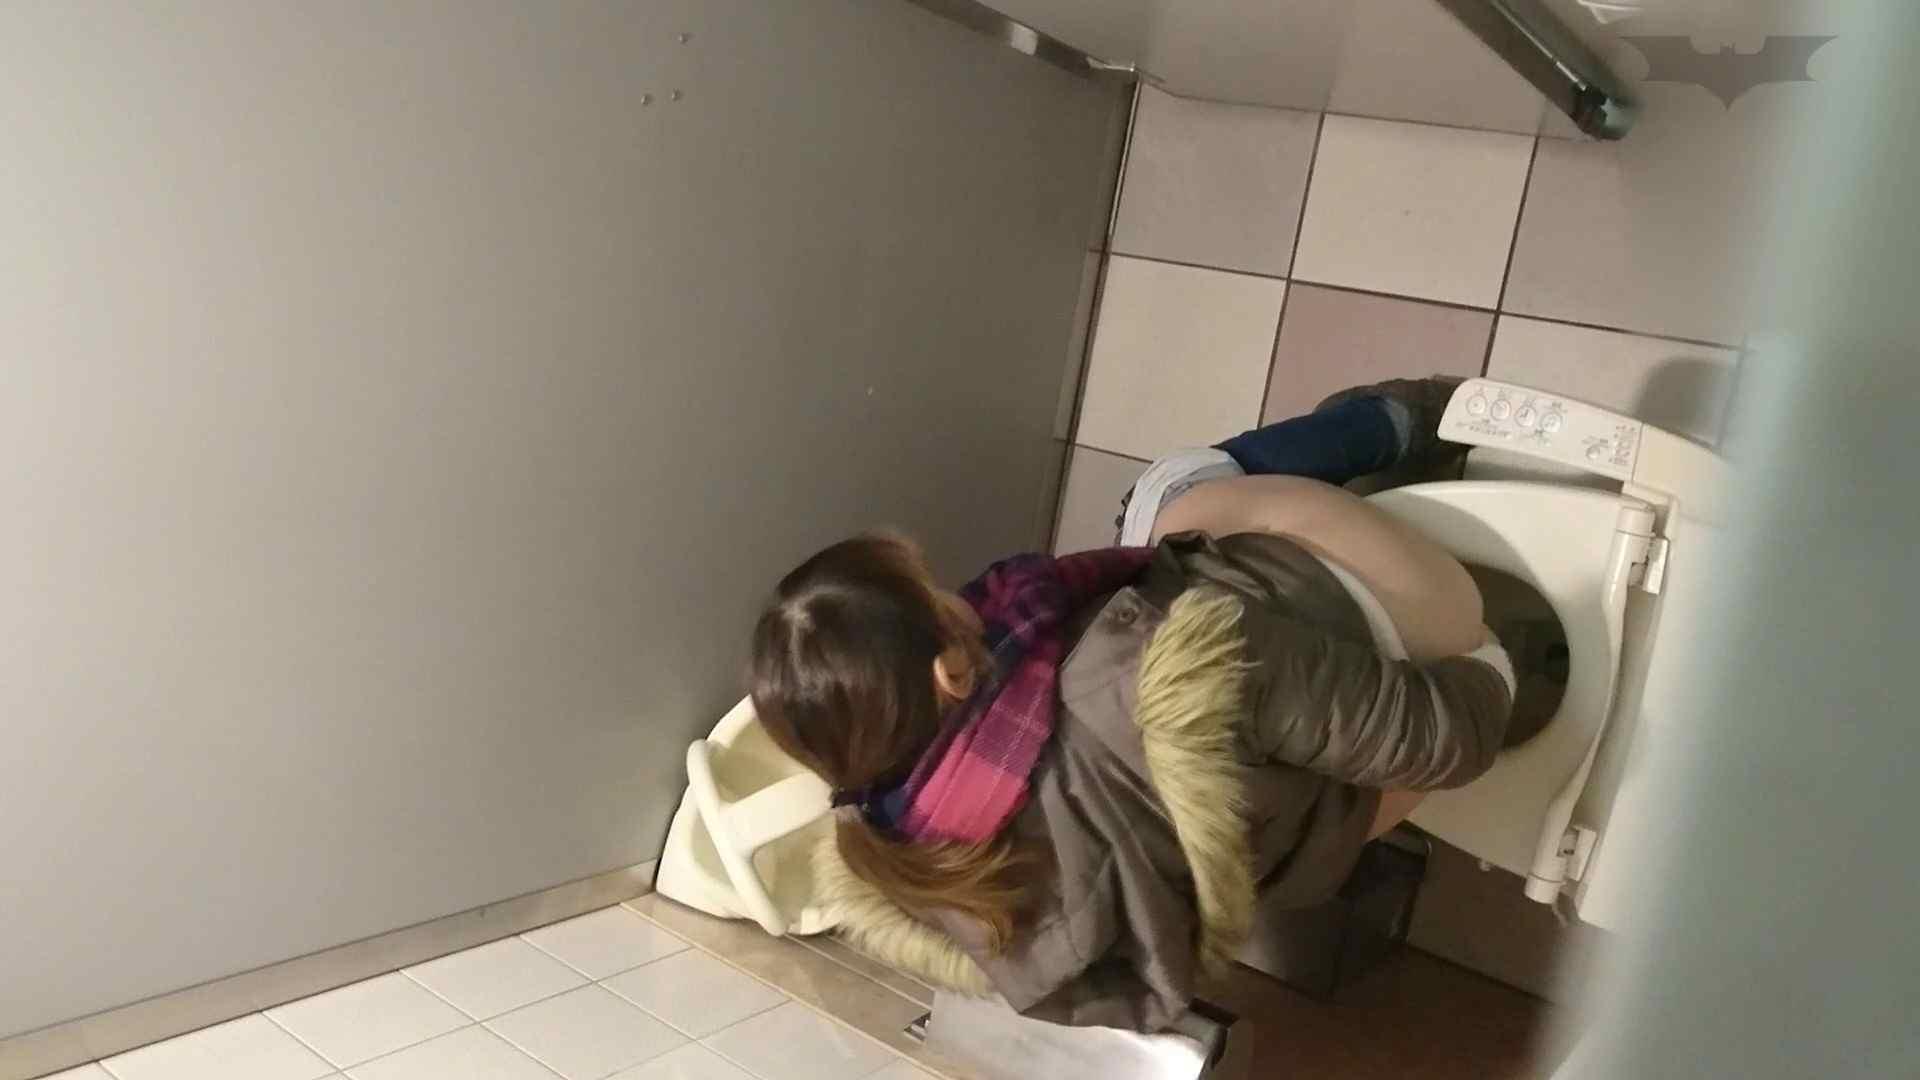 化粧室絵巻 ショッピングモール編 VOL.09 美肌  97PIX 17